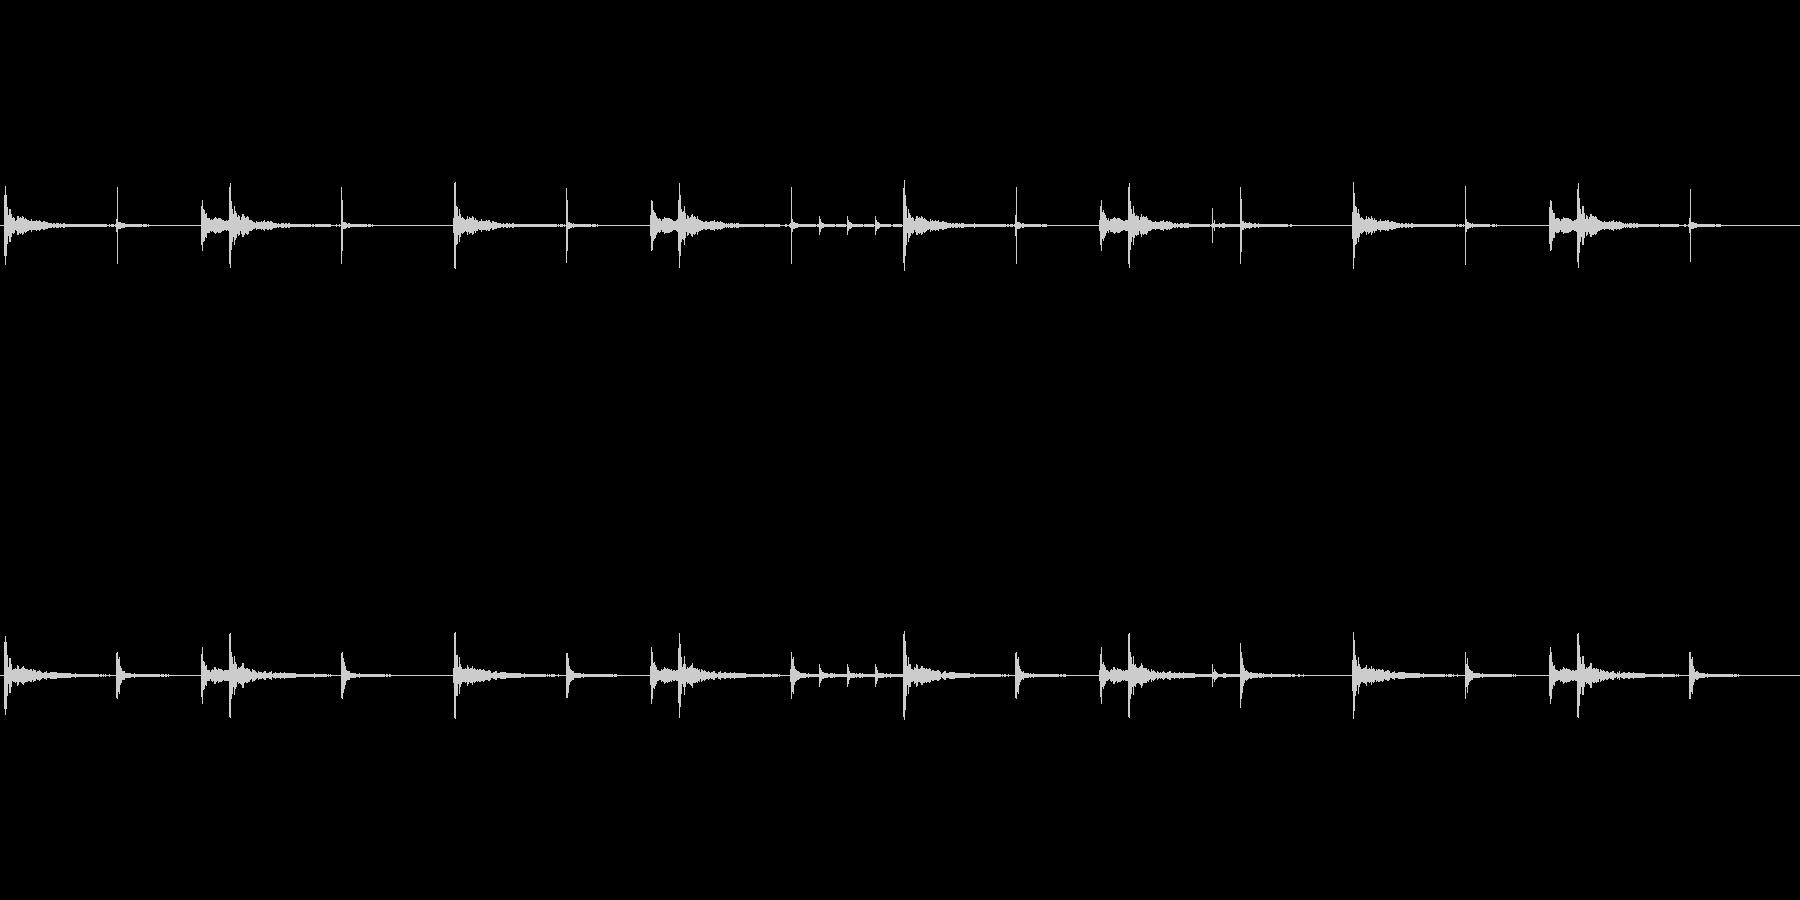 和太鼓のリバーブありループ音源です。歴…の未再生の波形